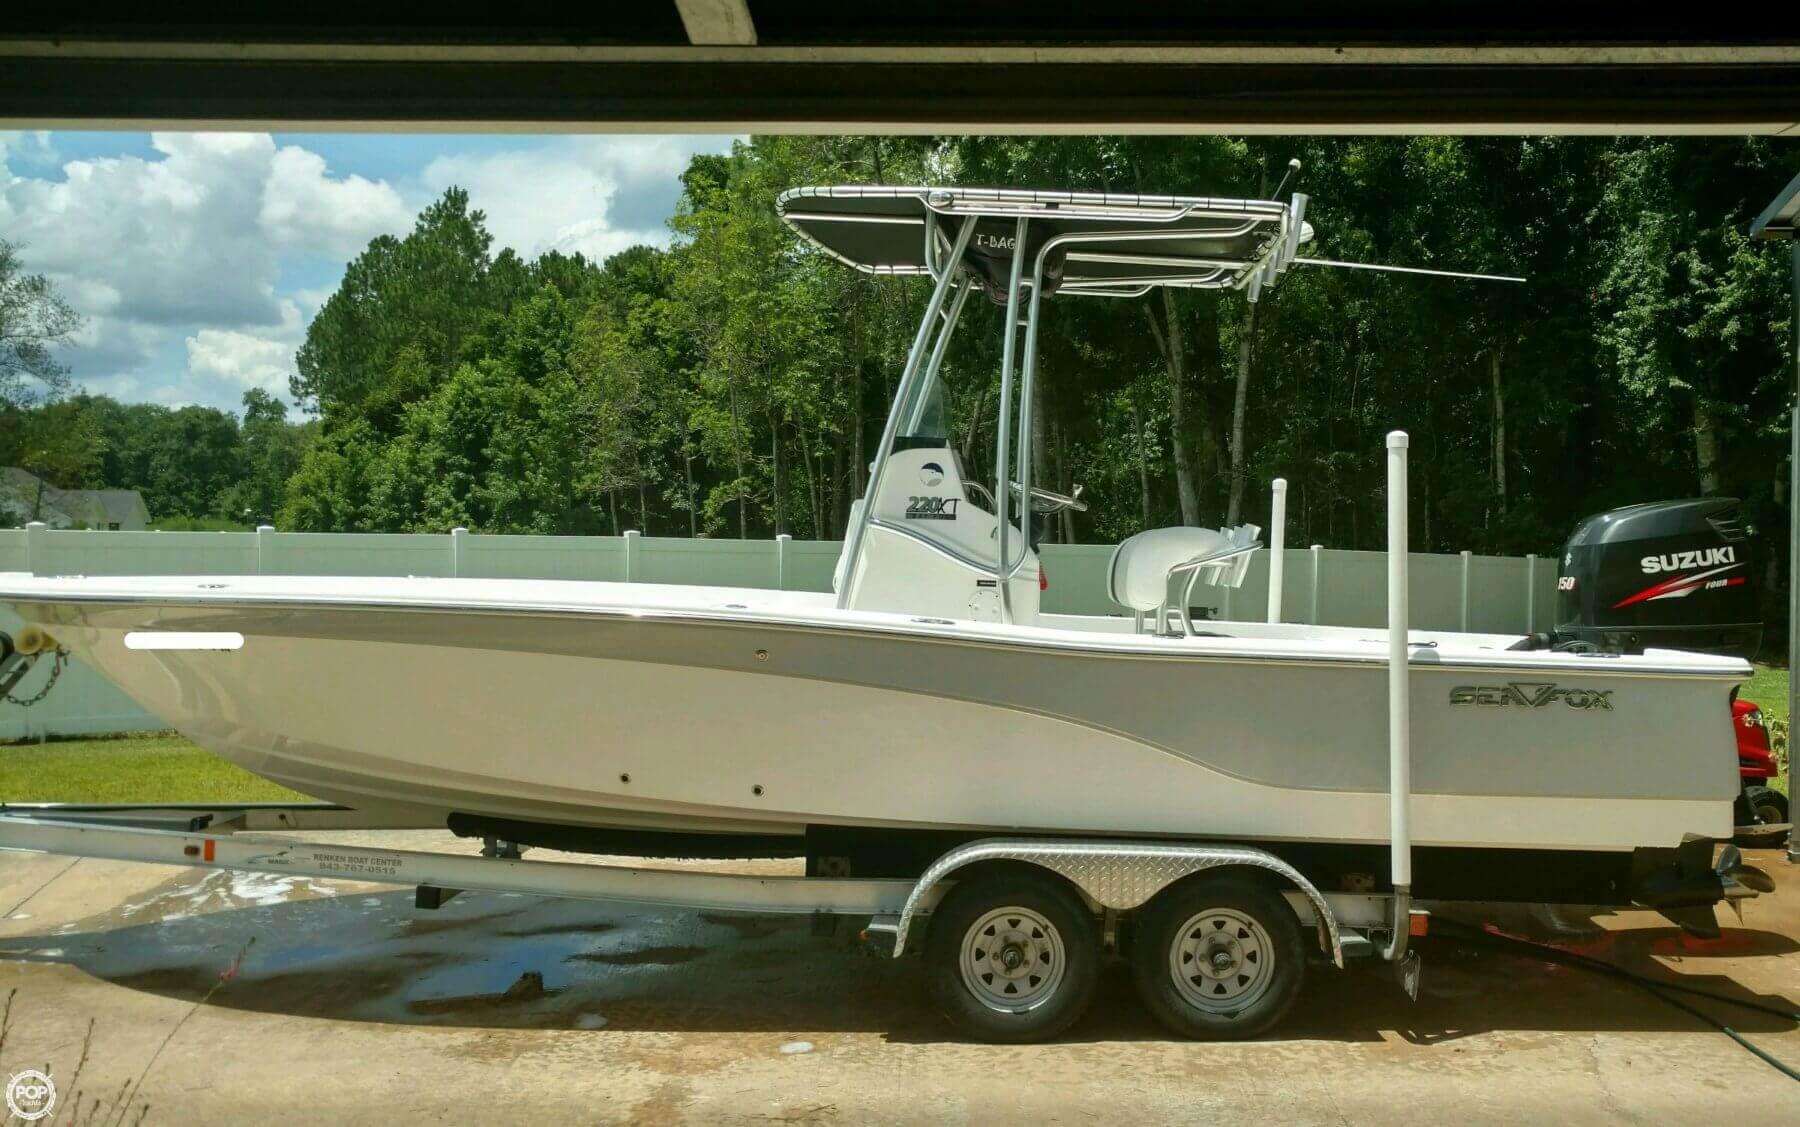 CANCELED Sea Fox 220 XT boat in Brunswick GA